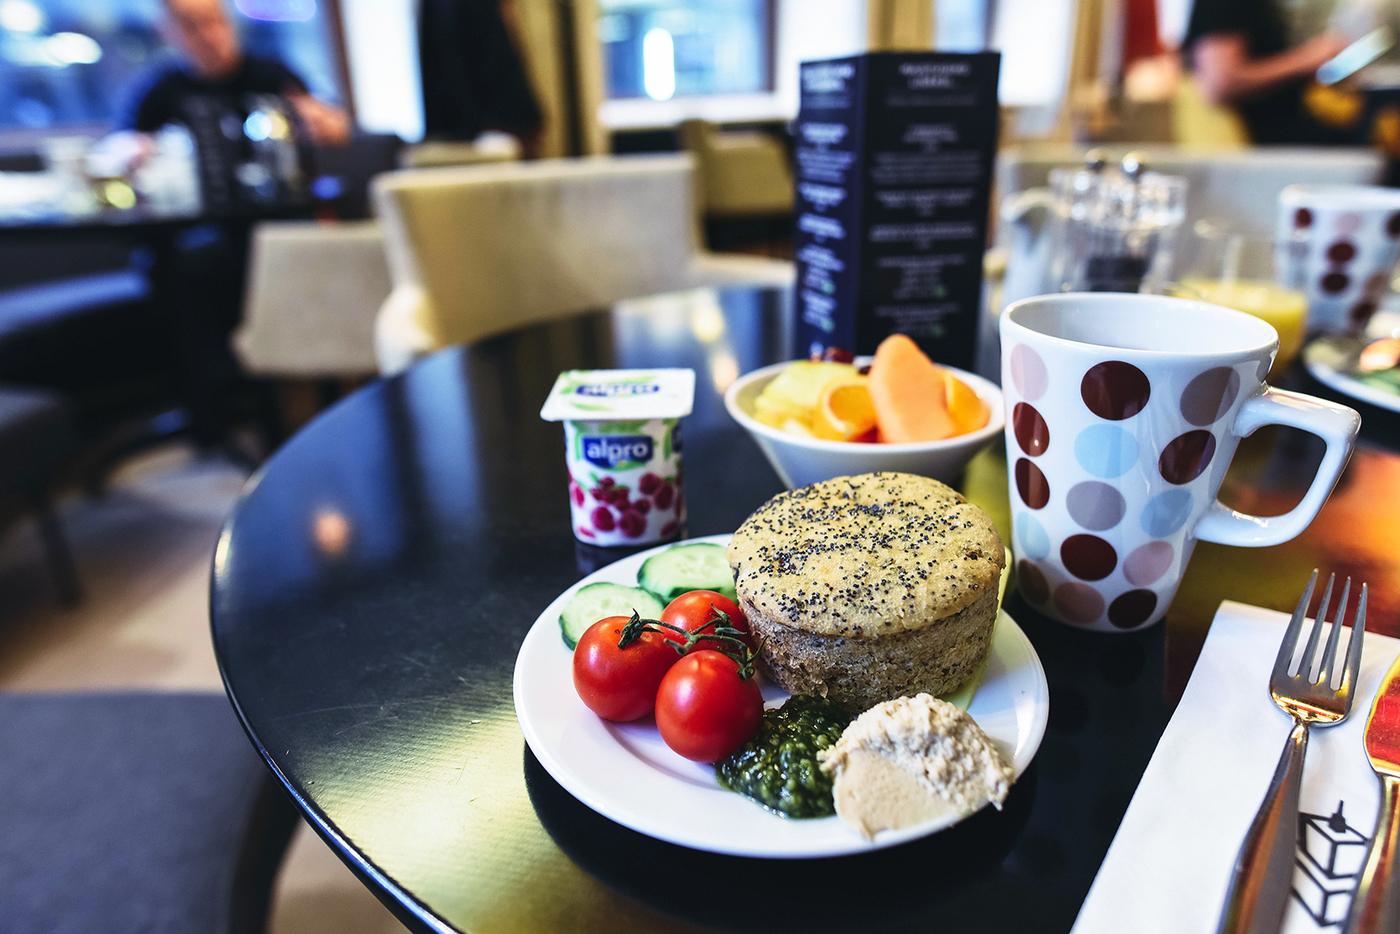 sokoshotels-erikoisaamiainen-vegaaninen-gluteeniton-hotelliaamiainen-sundayblondie-2.jpg